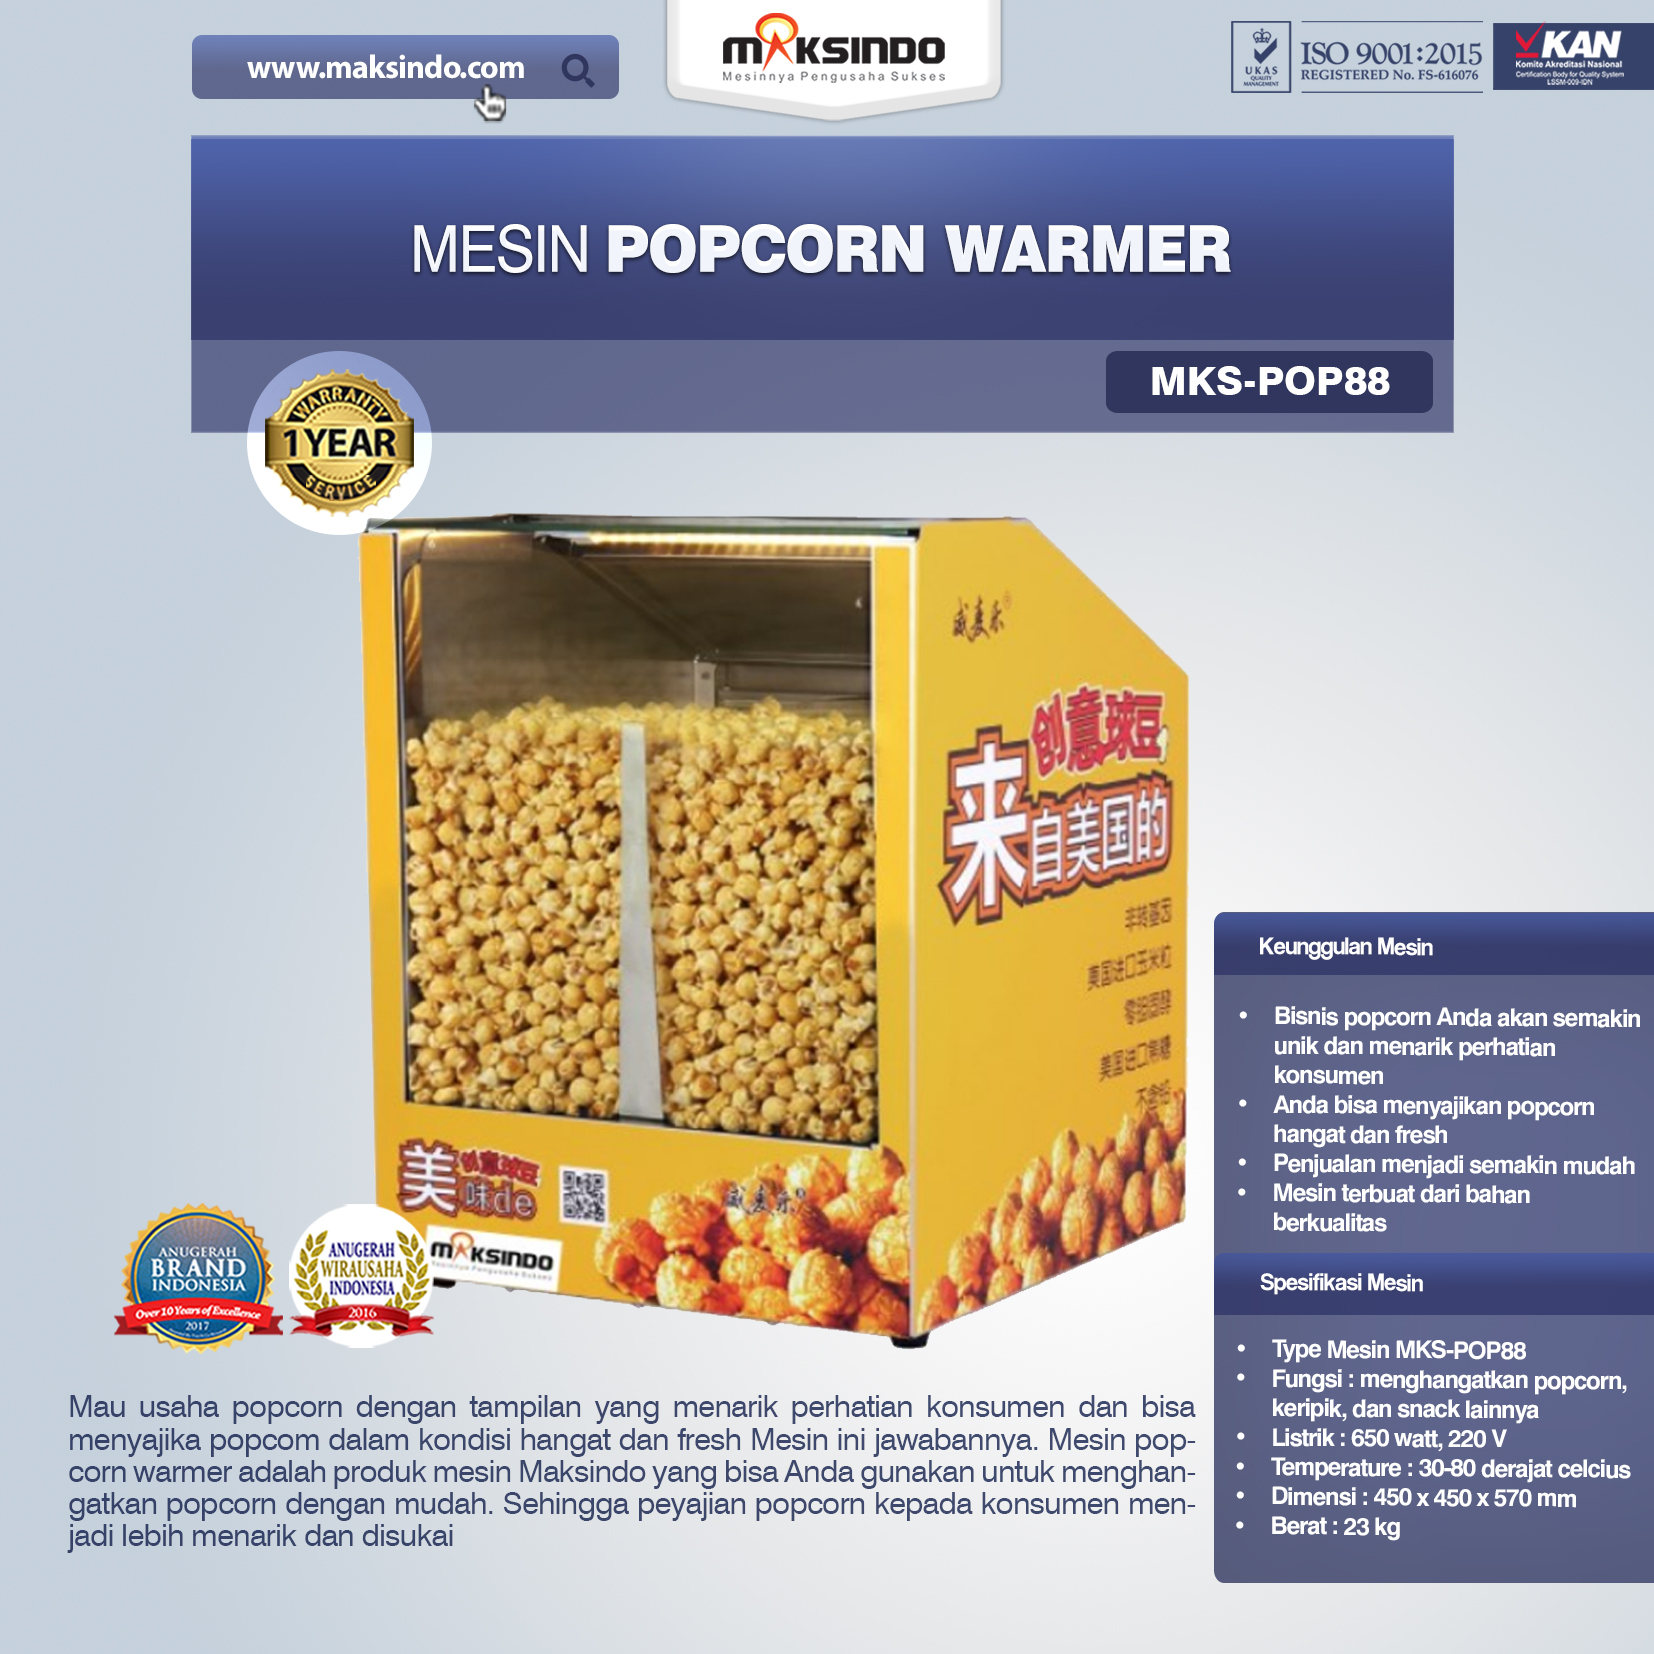 Jual Mesin Popcorn Warmer (POP88) di Banjarmasin